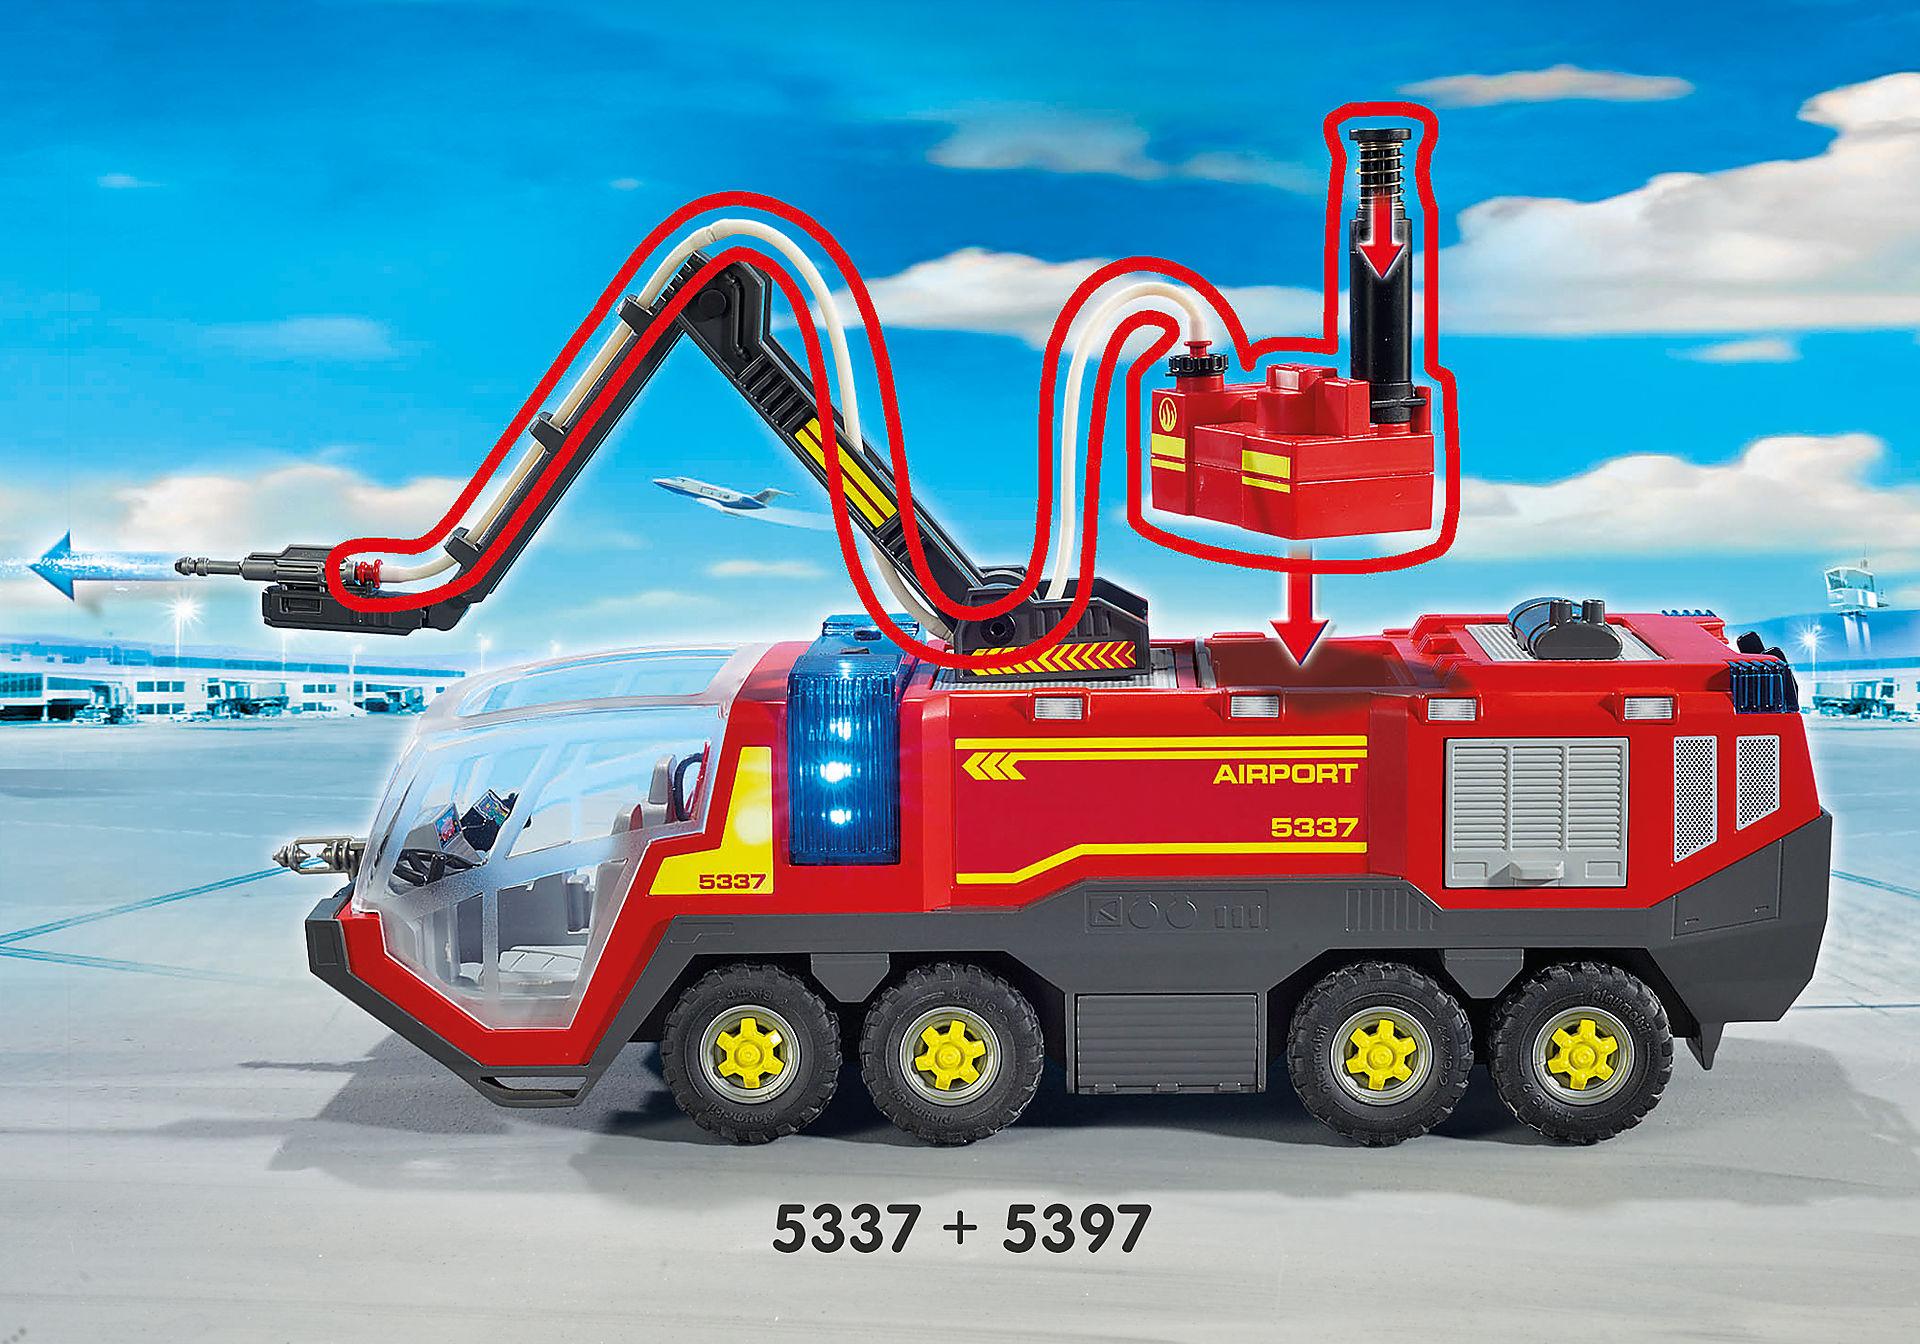 5337 Camión Bomberos Aeropuerto zoom image9